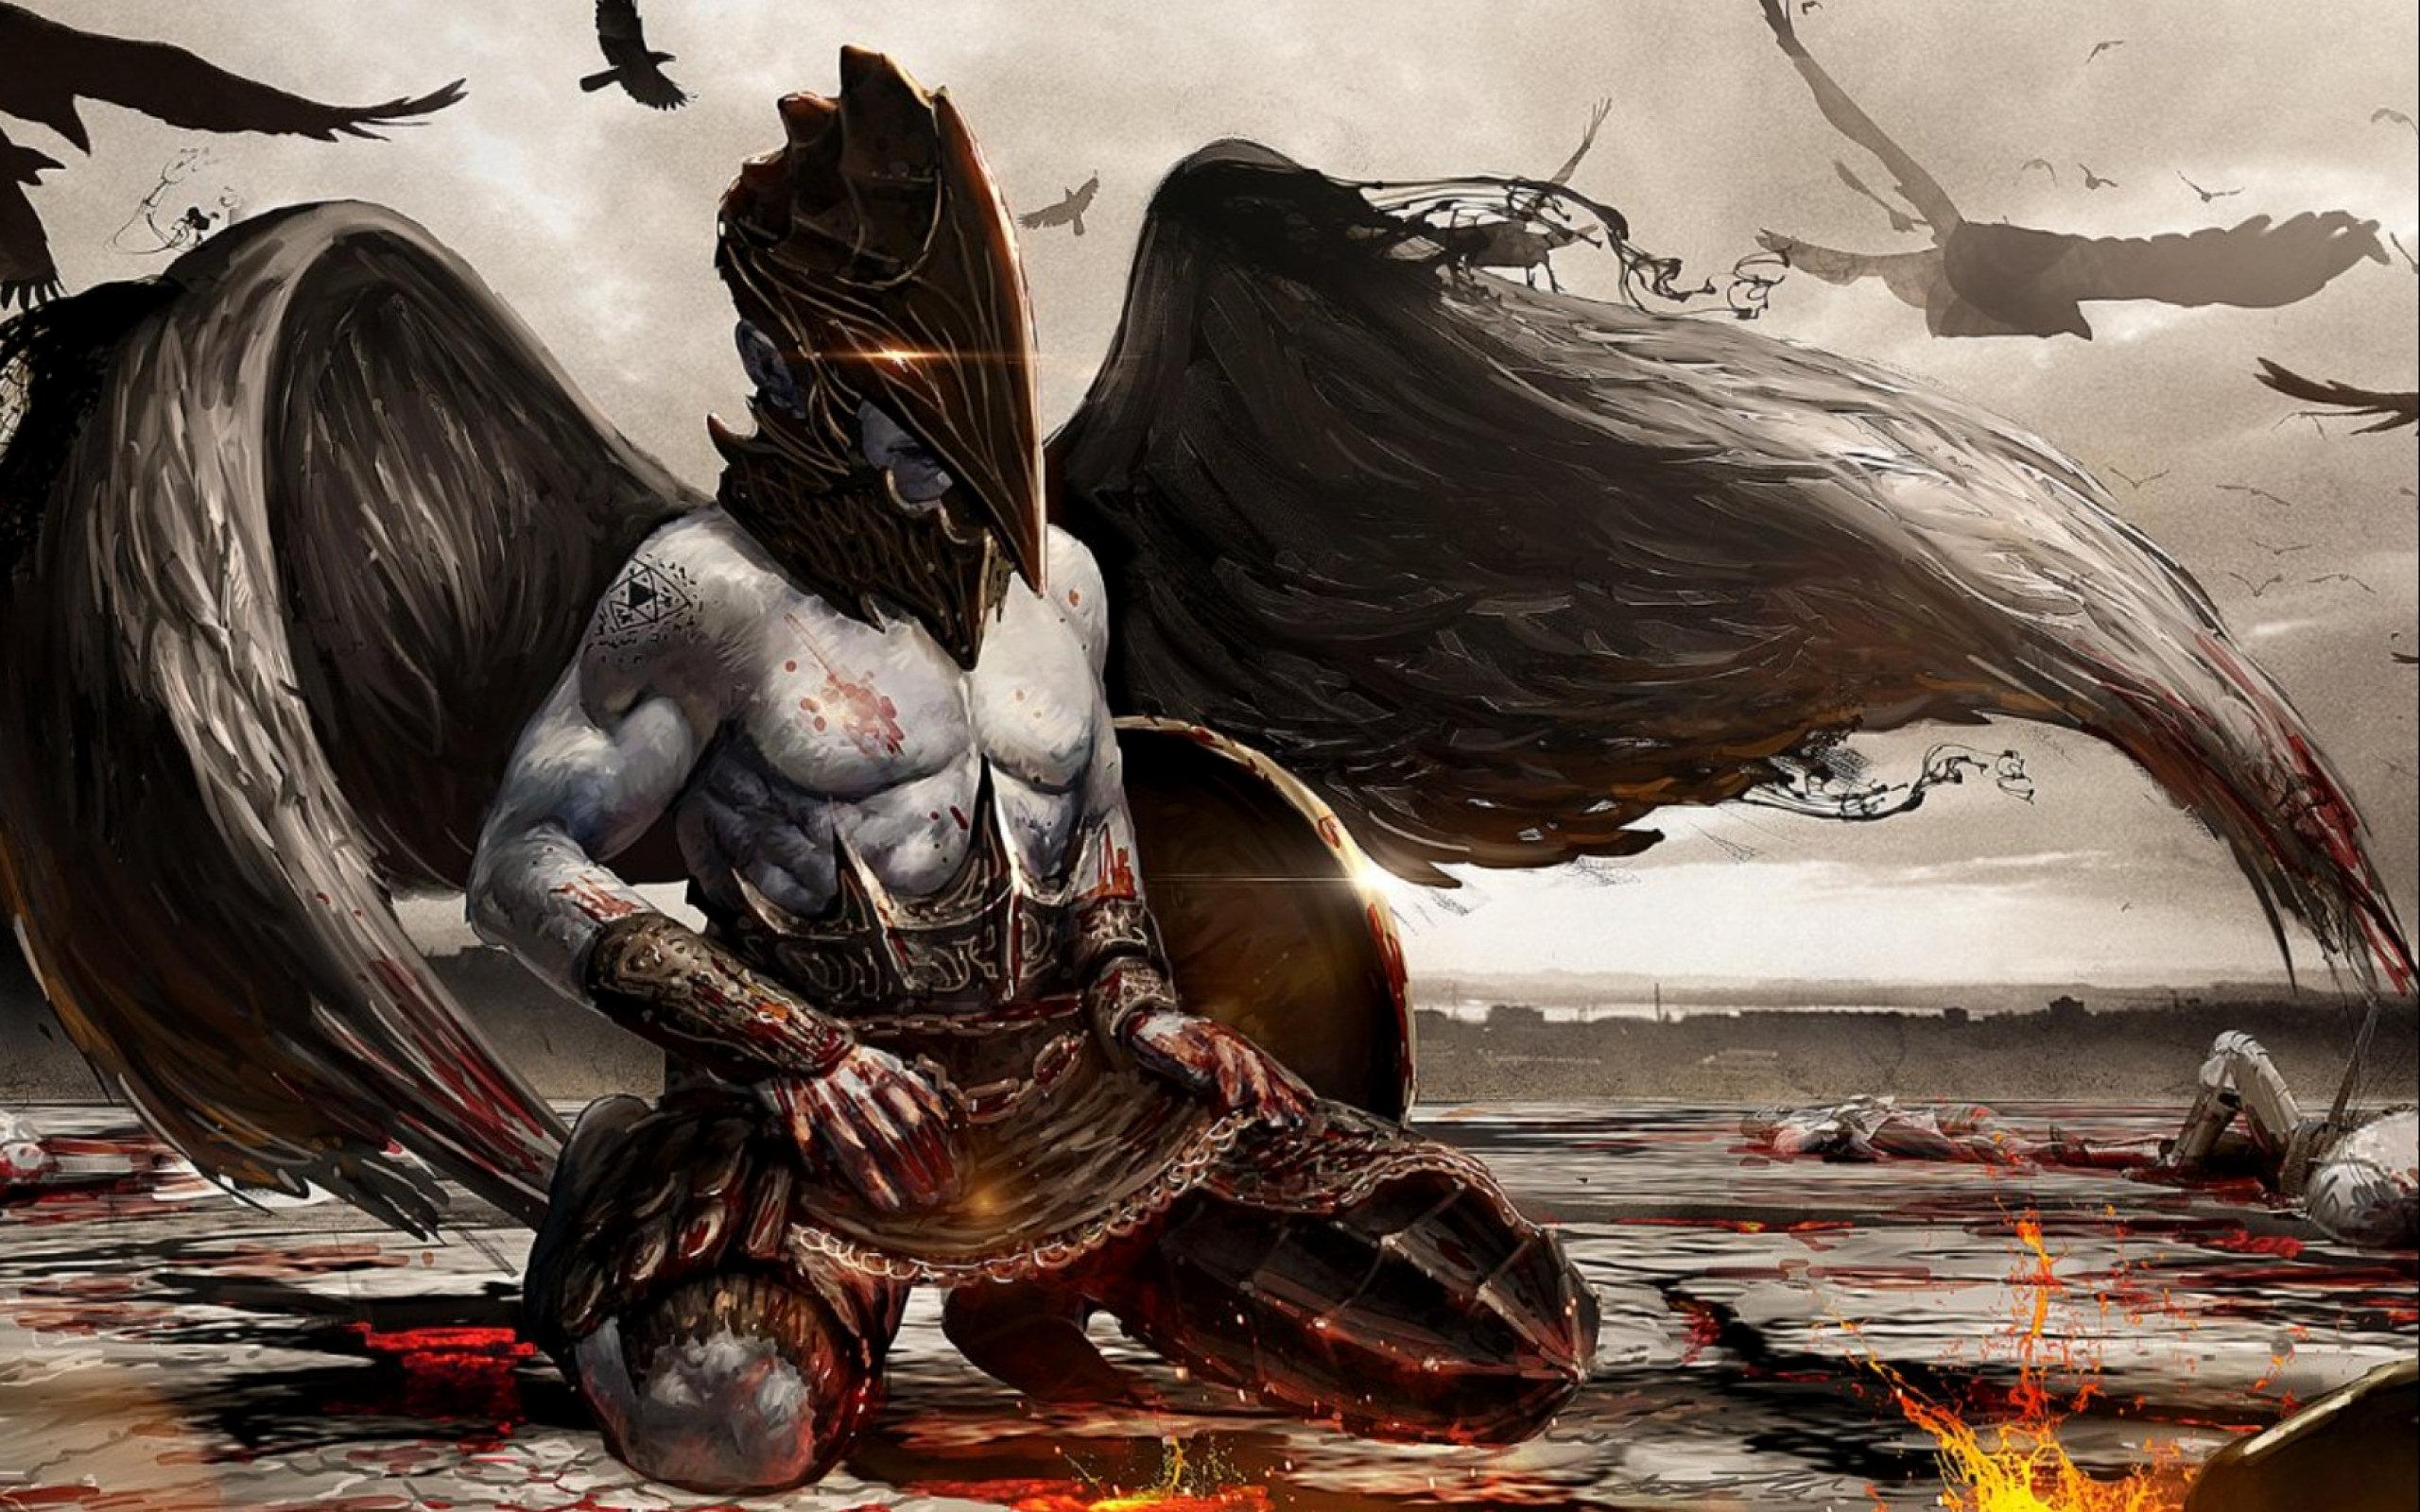 Битва Демонов  № 3608361 бесплатно